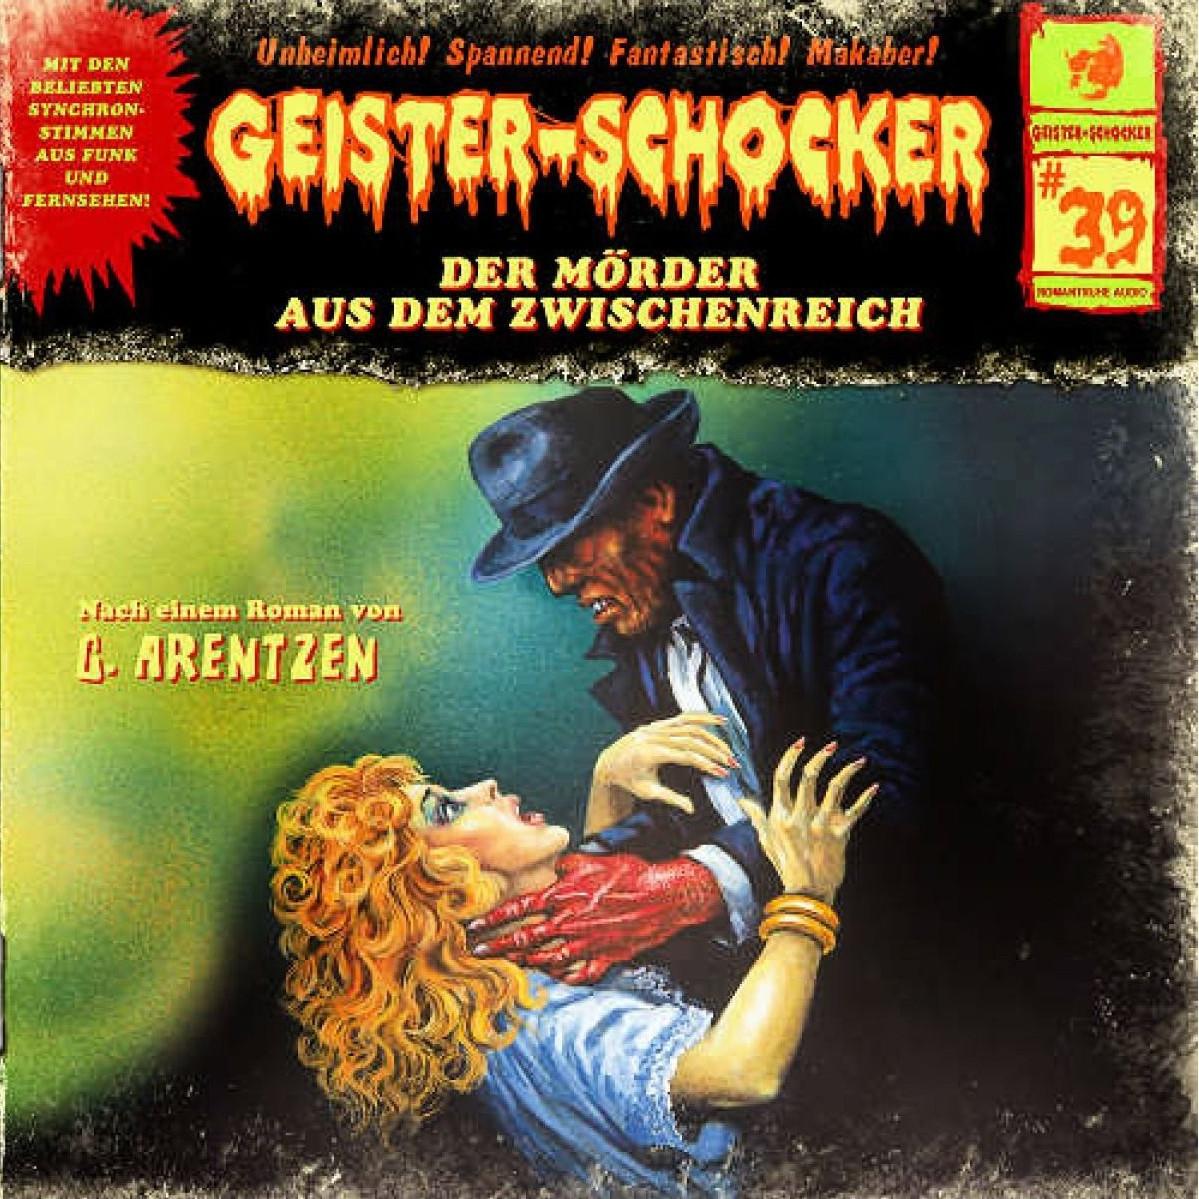 Geister-Schocker 39 Der Mörder aus dem Zwischenreich